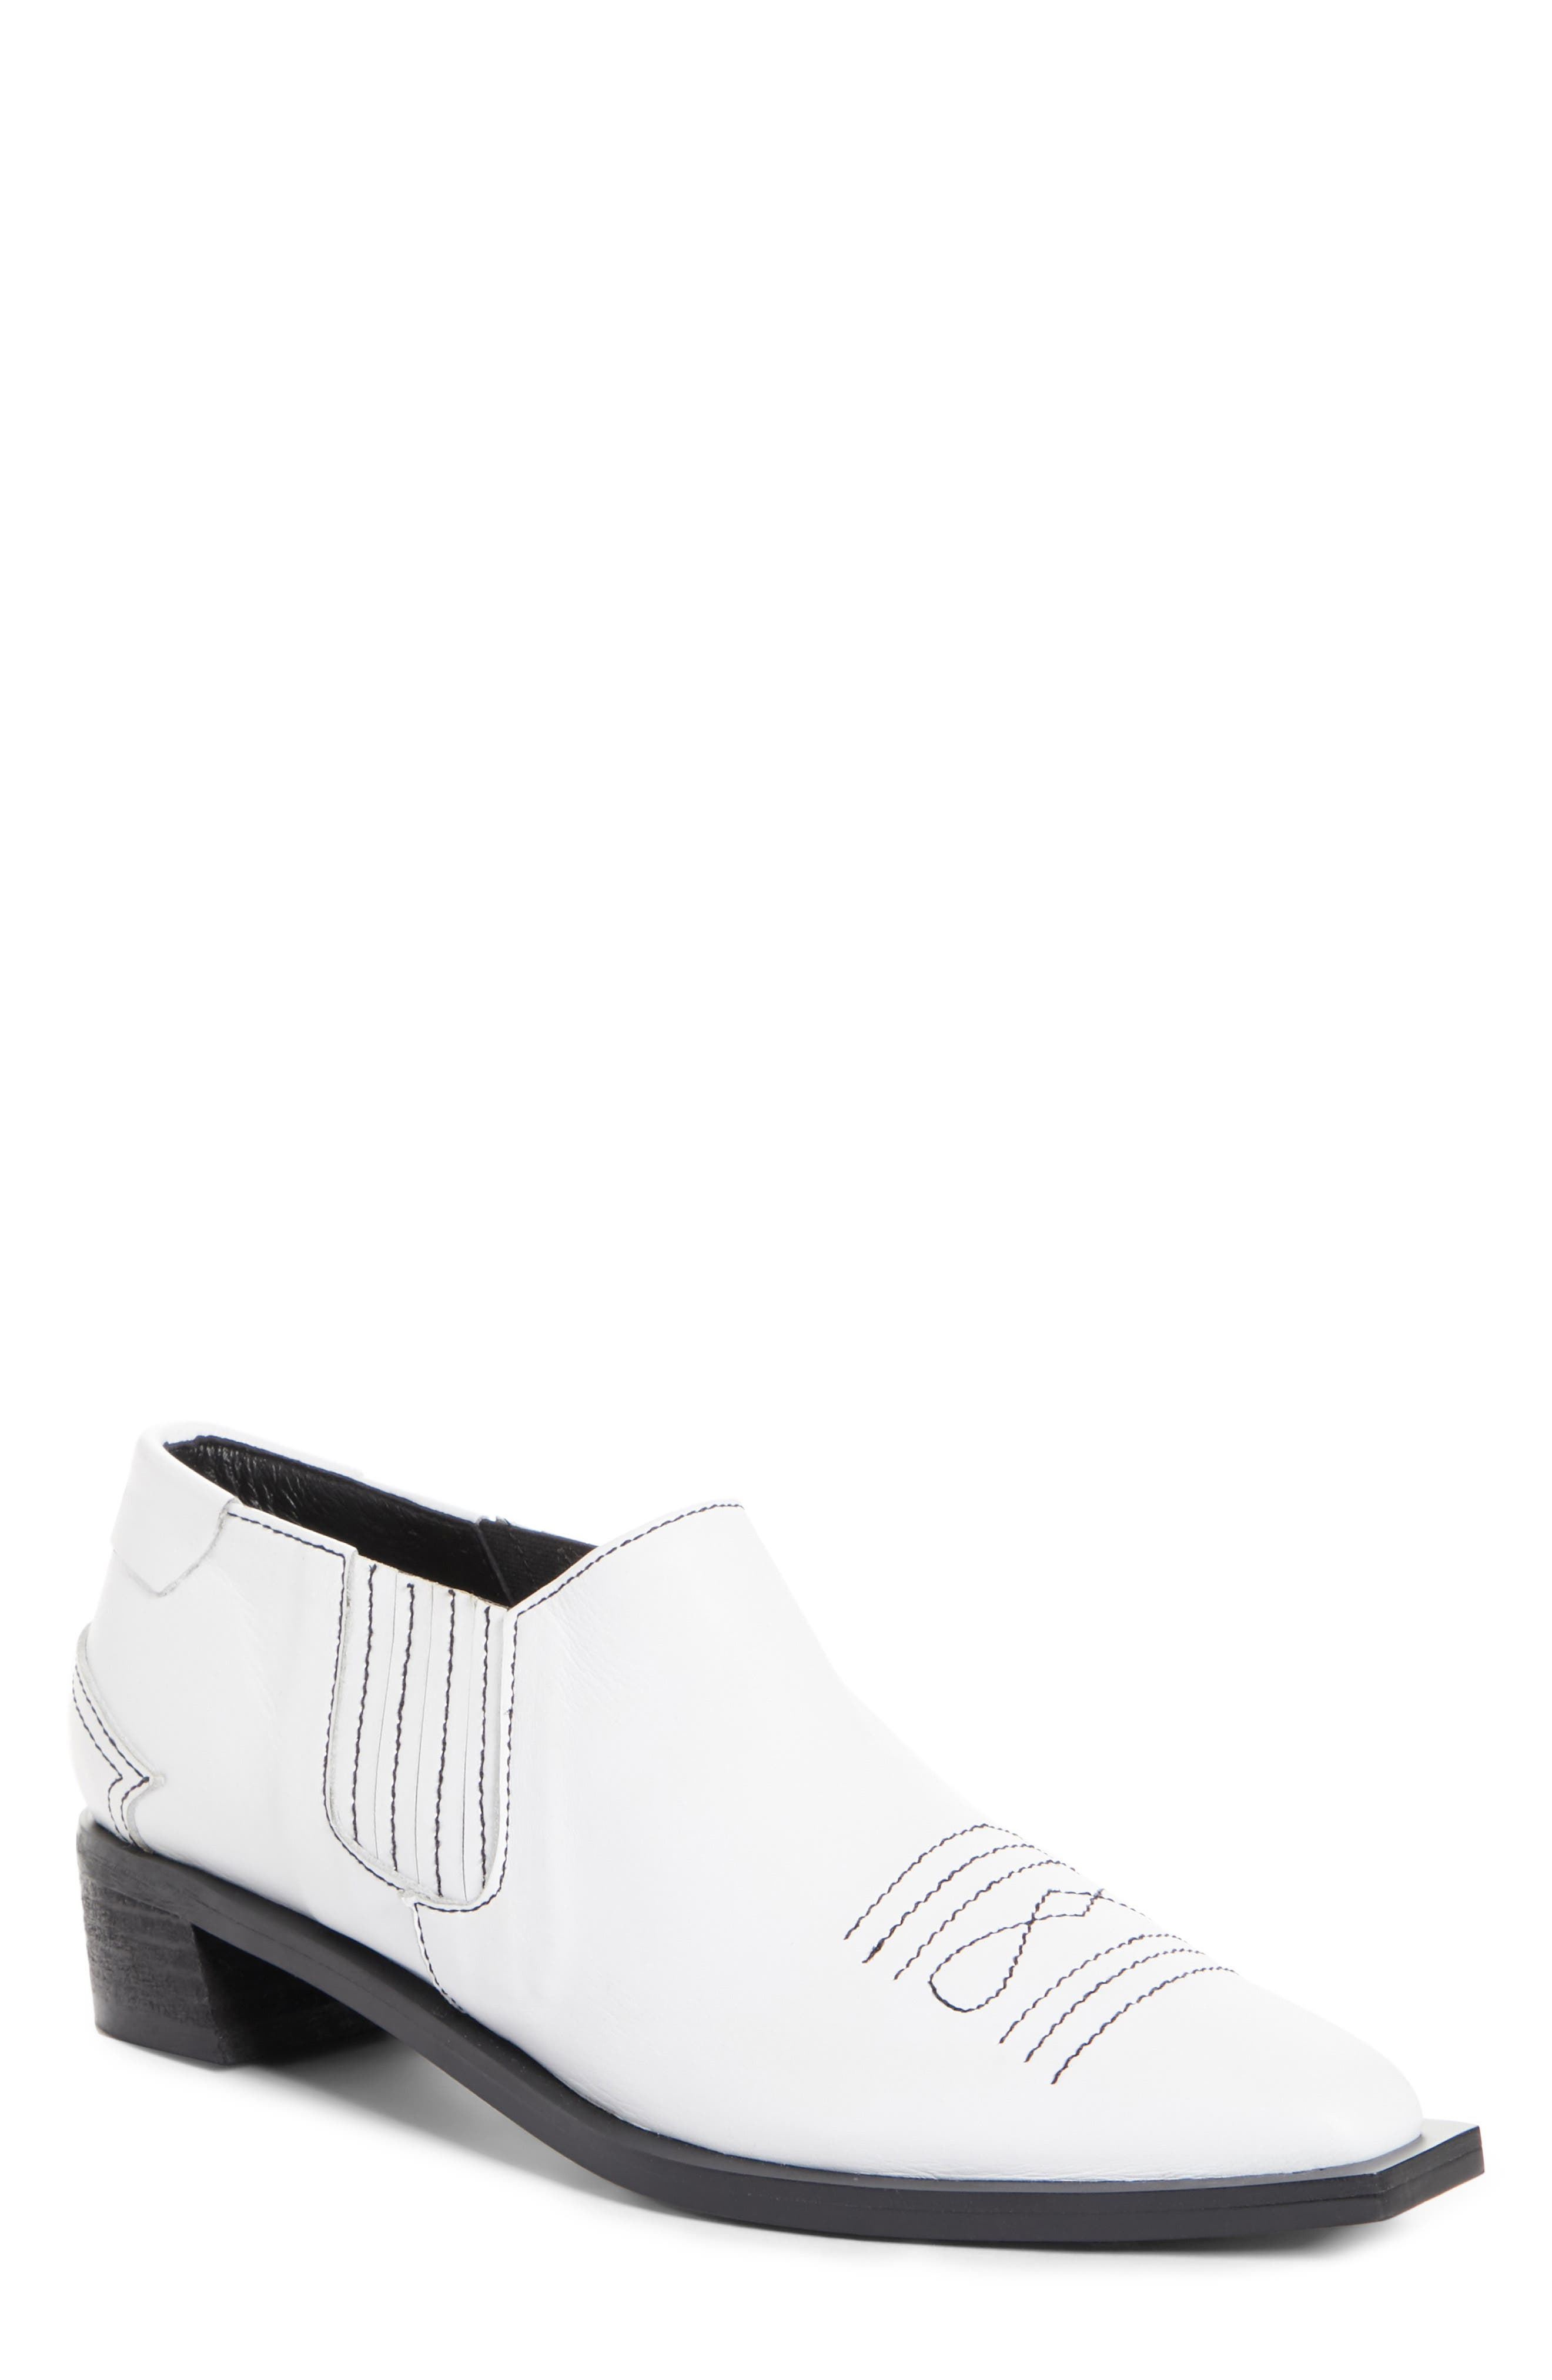 Reike Nen Western Loafer, White